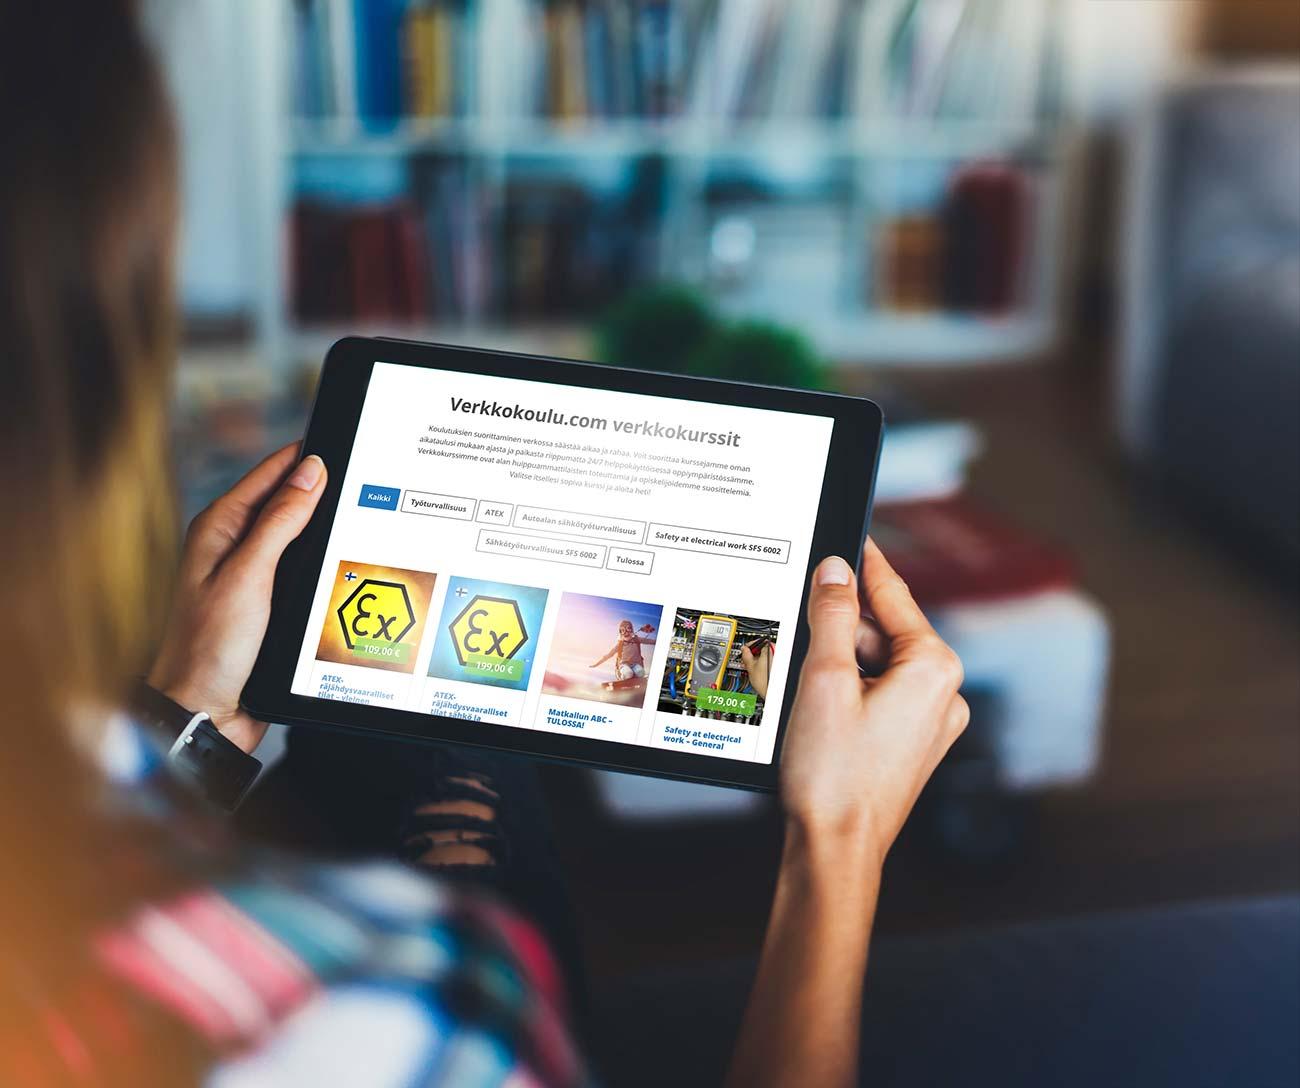 Verkkokoulu.com - Näin tilaat ja suoritat kurssin verkossa